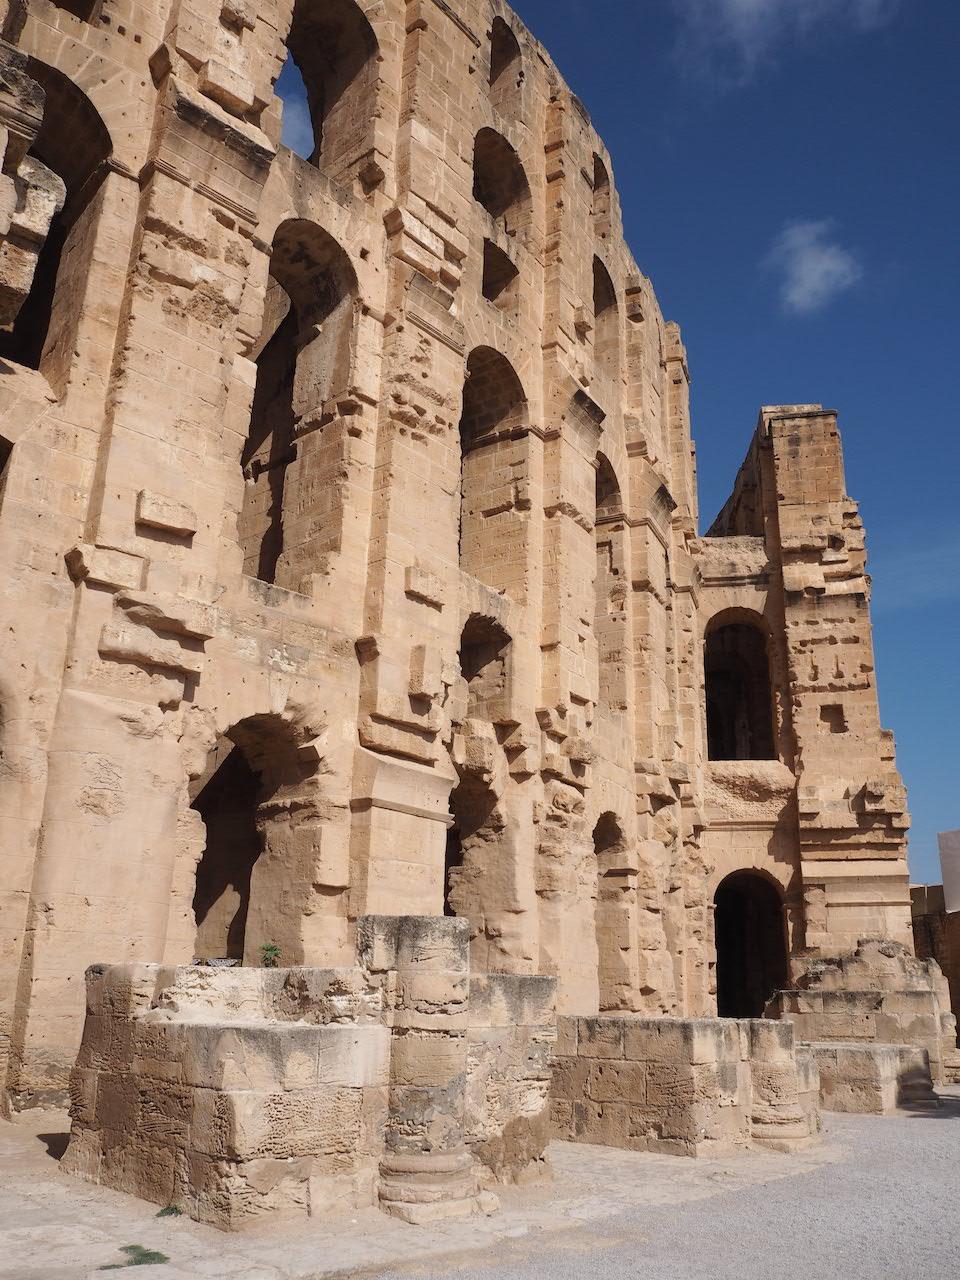 Tunesië: bezienswaardigheden langs de kust + tips. El Djem Amphitheater